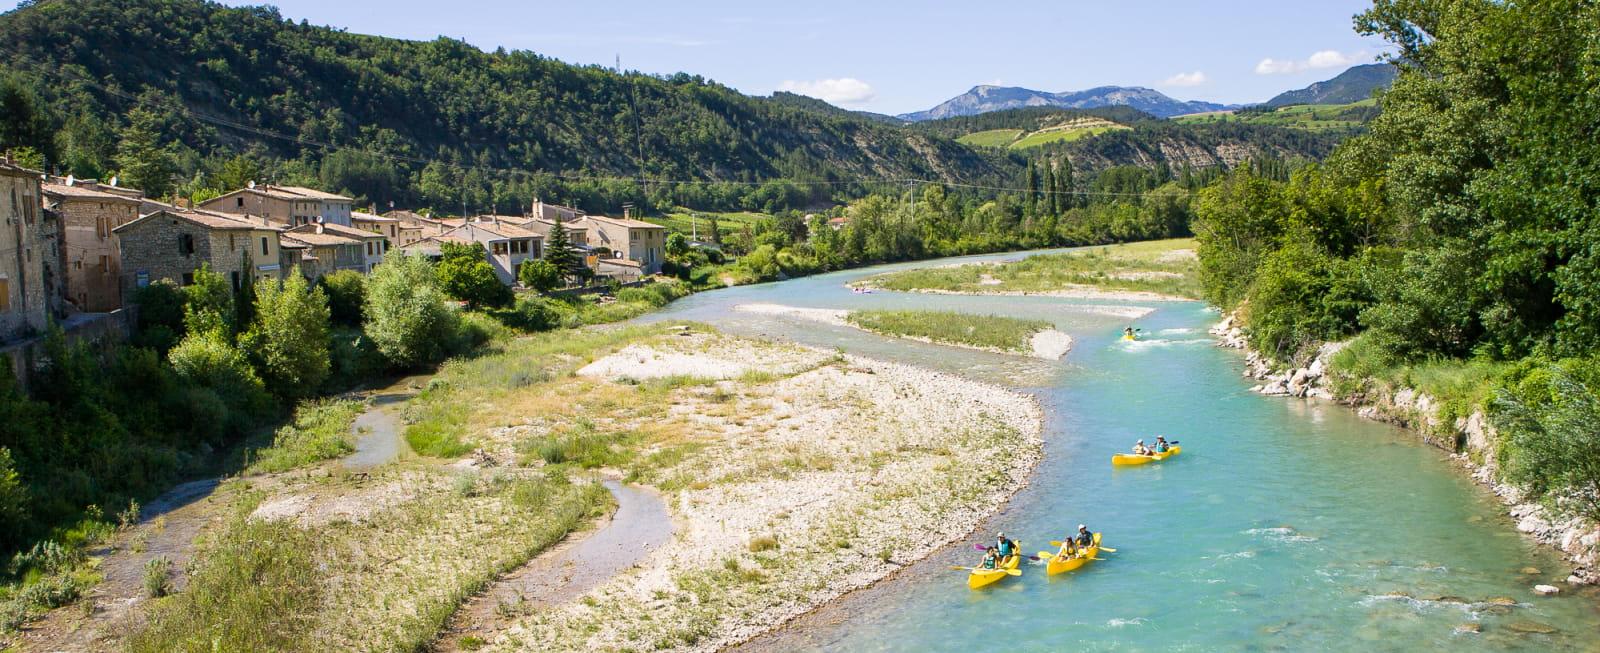 Canoë-kayak sur la rivière Drôme - incontournable